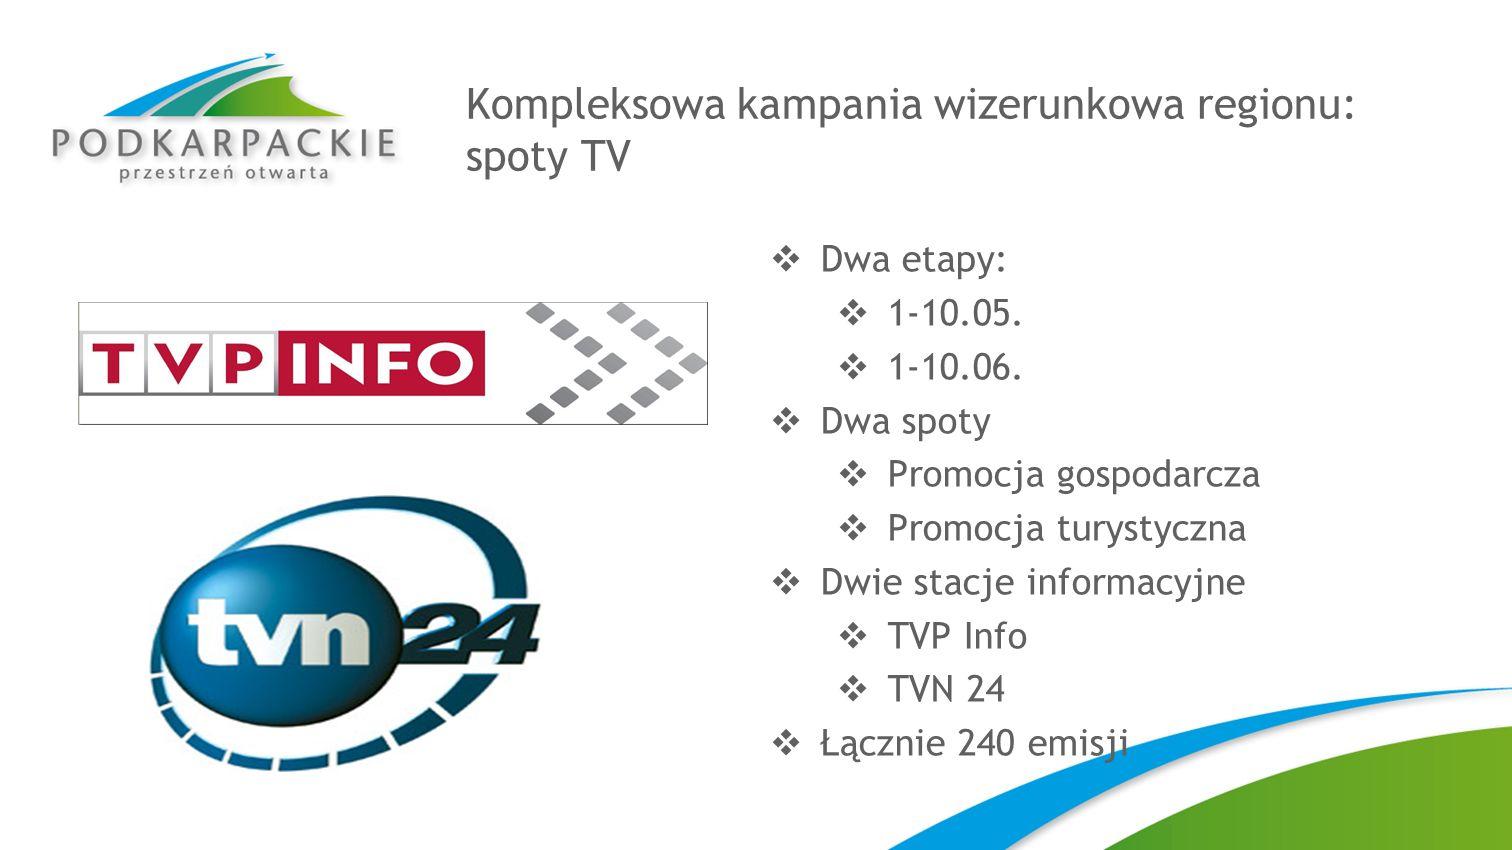 Kompleksowa kampania wizerunkowa regionu: spoty TV Dwa etapy: 1-10.05. 1-10.06. Dwa spoty Promocja gospodarcza Promocja turystyczna Dwie stacje inform